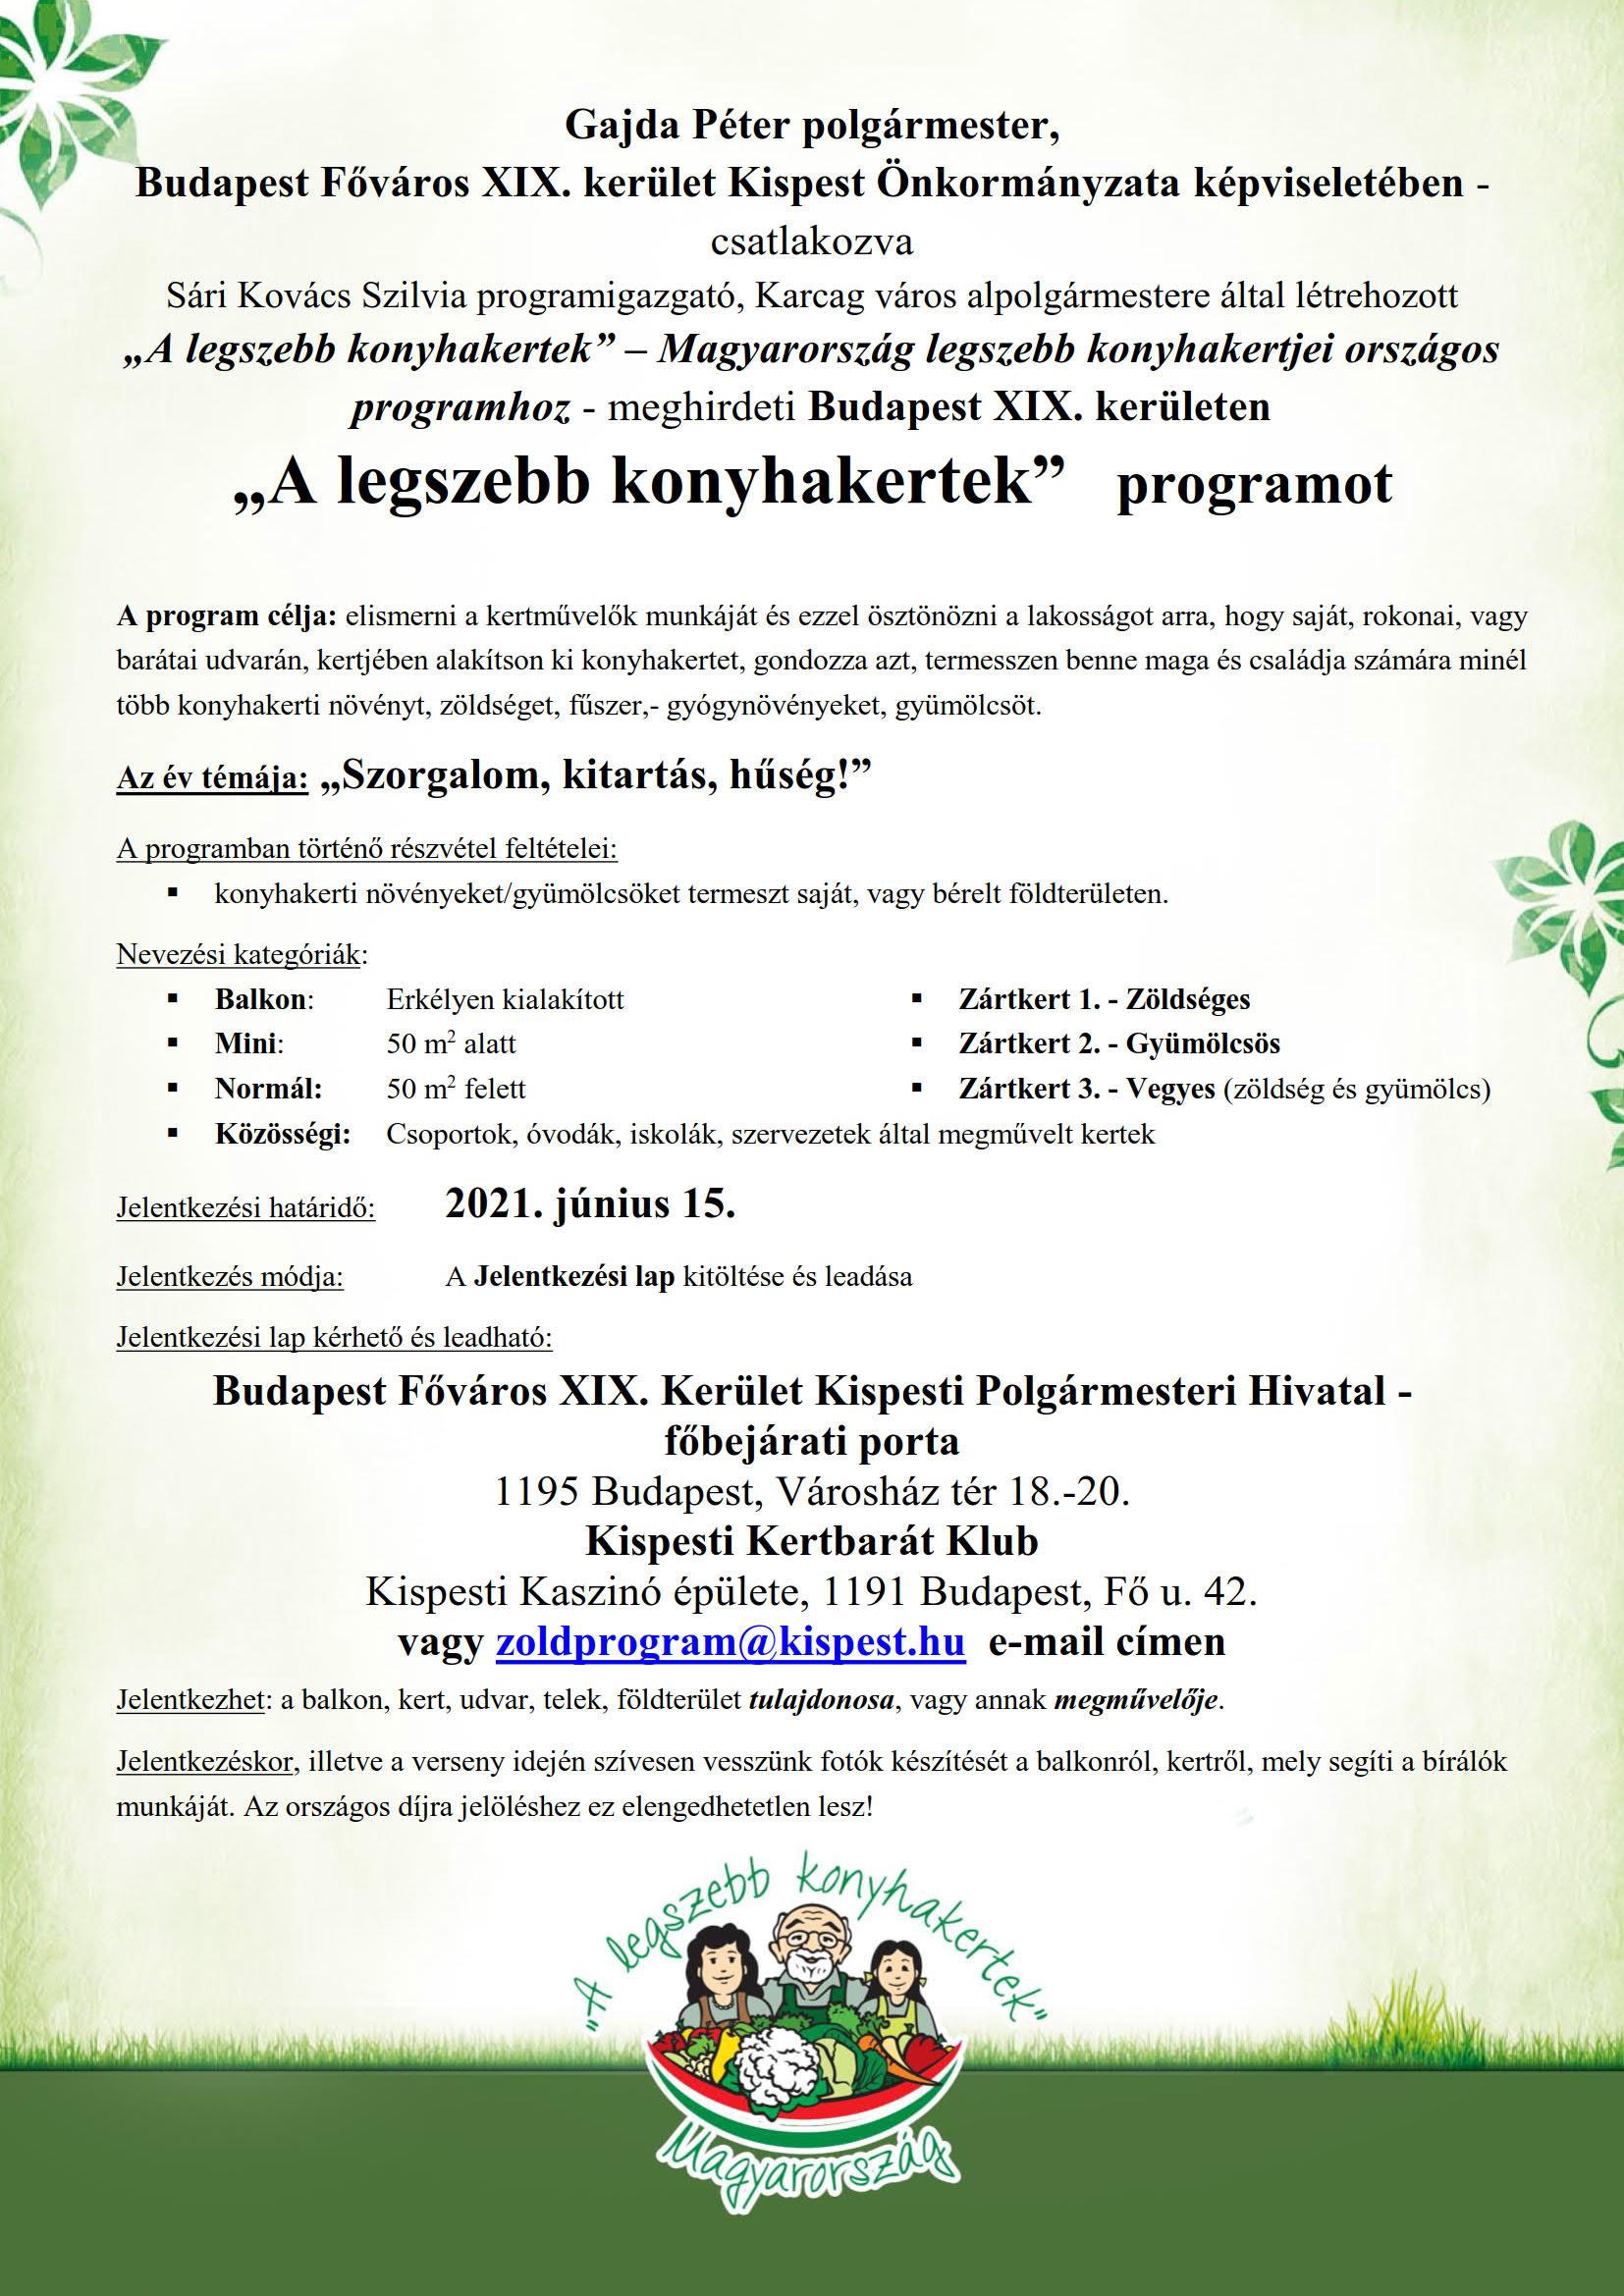 legszebb-konyhakertek2021-plakat01